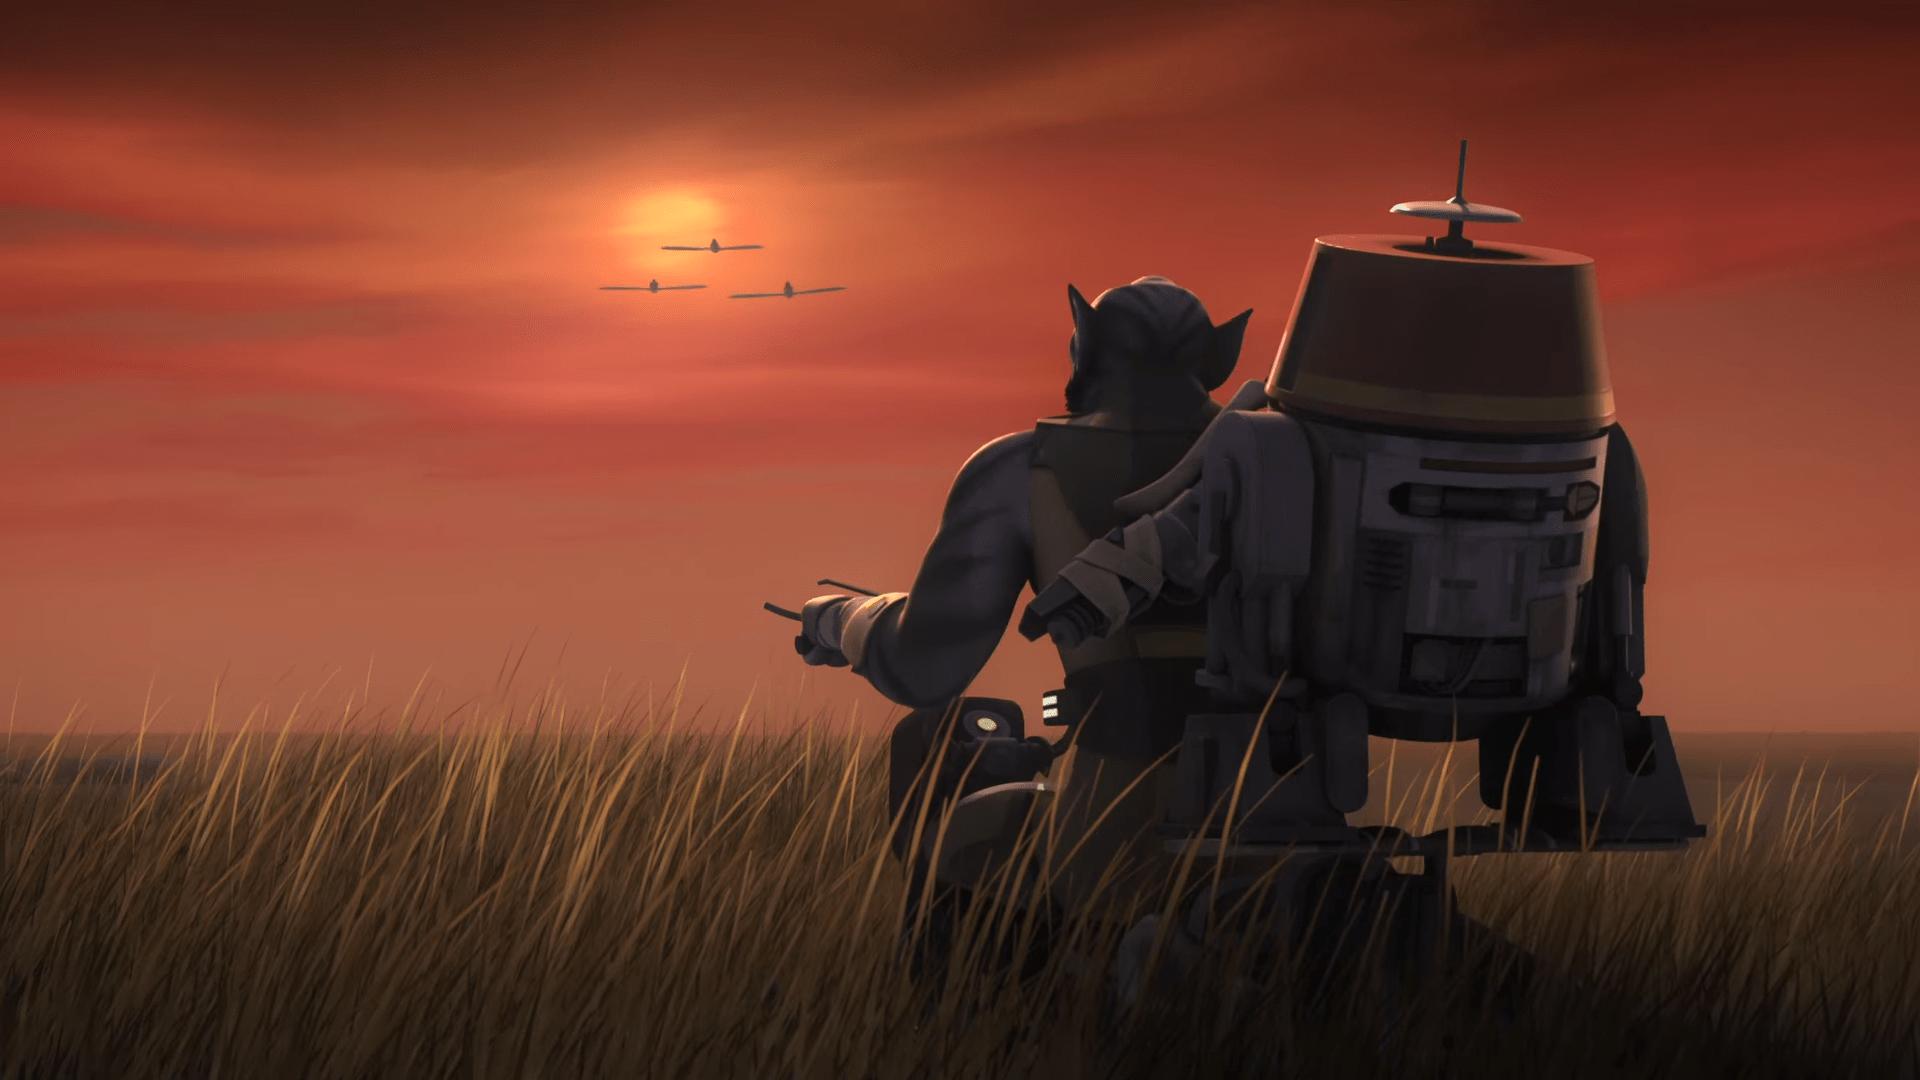 jedi night star wars rebels